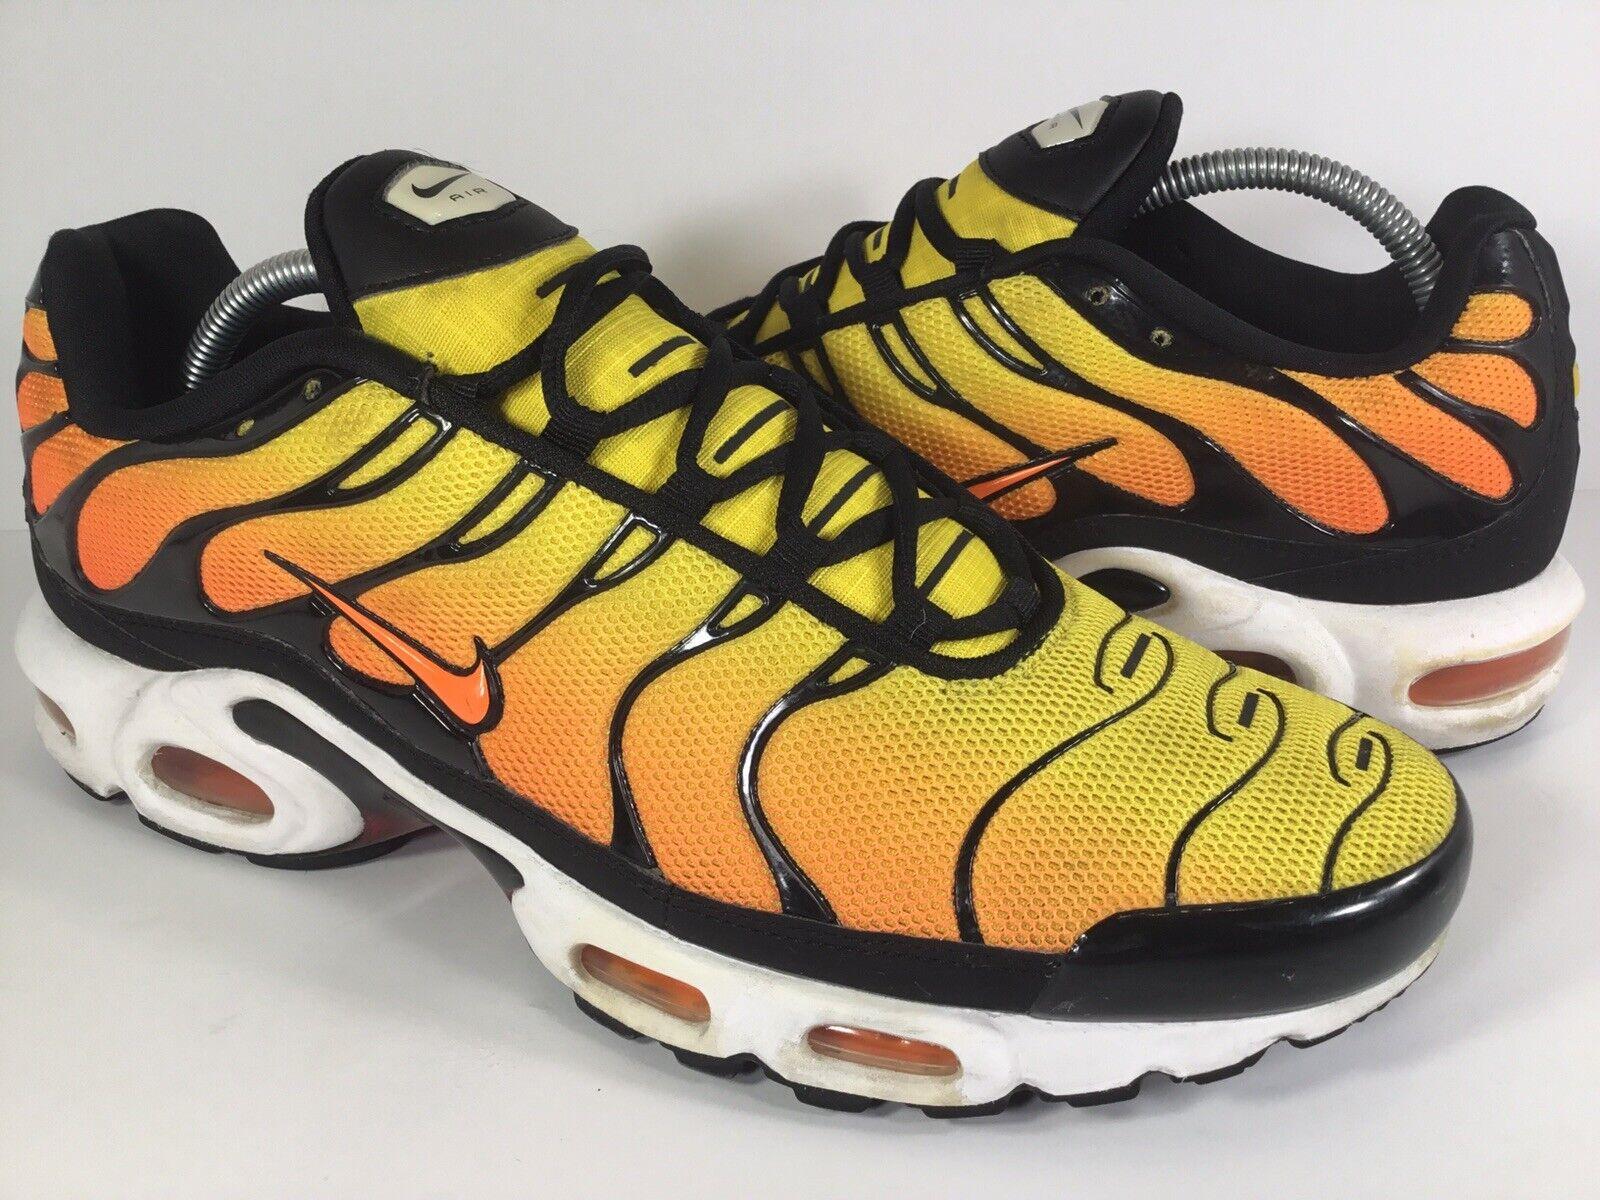 détaillant en ligne c0768 d4ebb Nike Air Plus Tn jaune soleil noir blanc 2014 Homme Taille ...